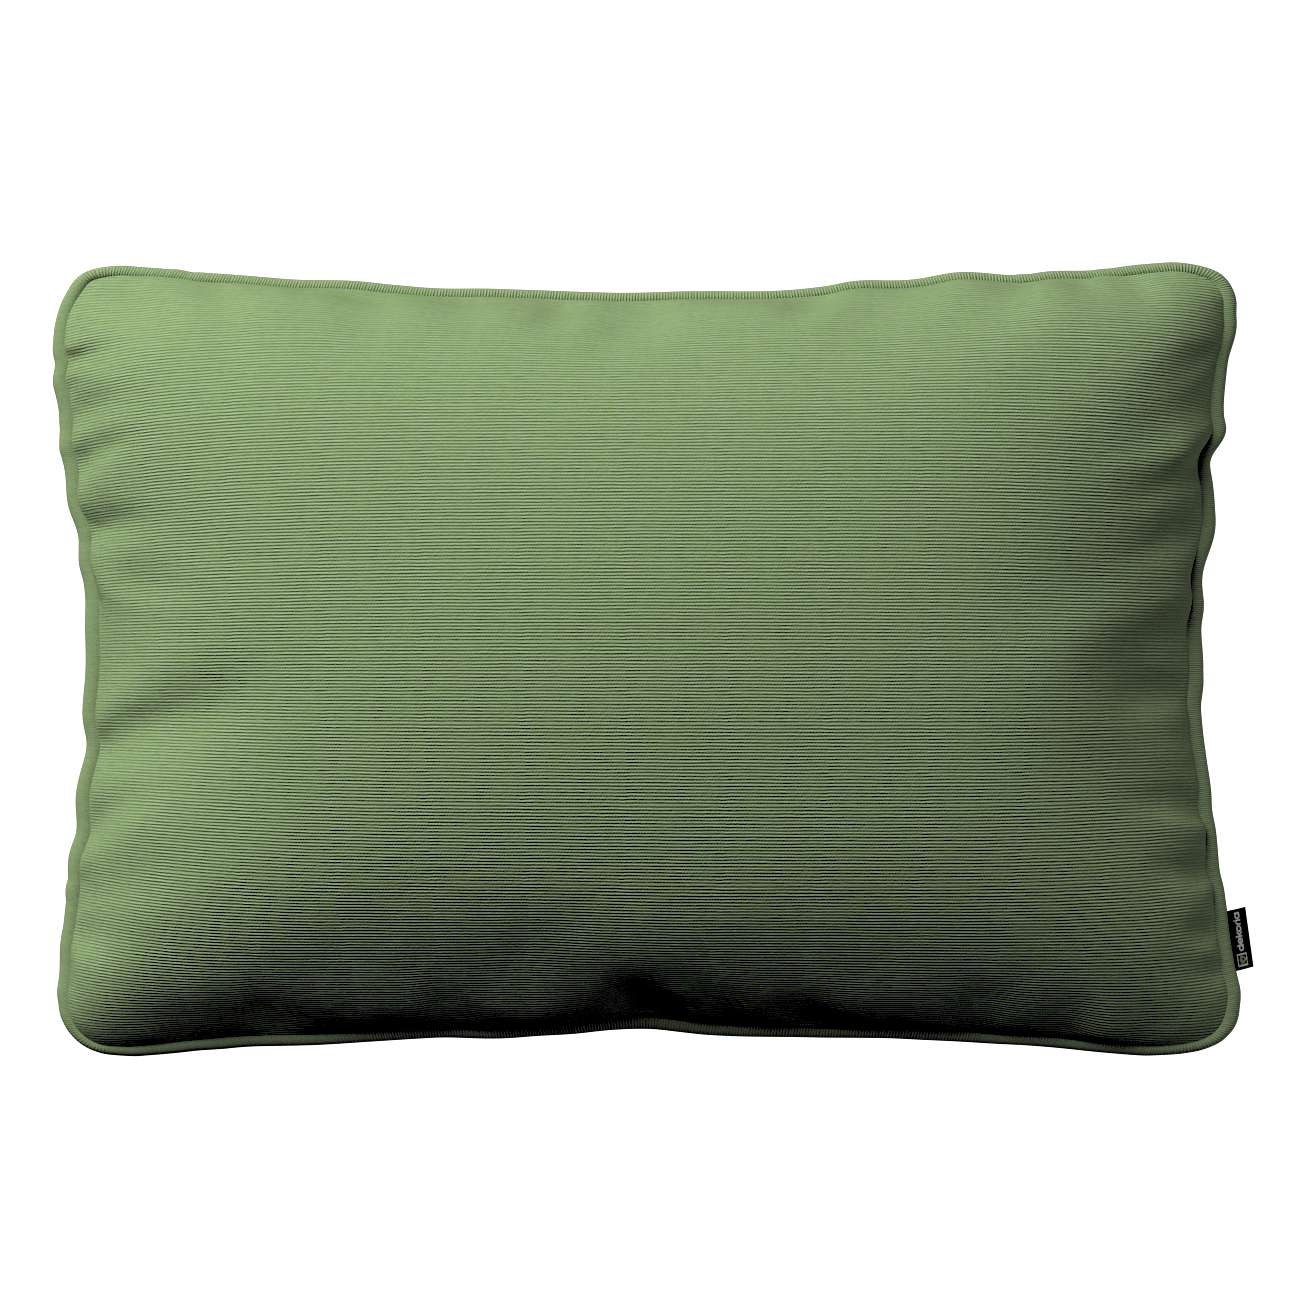 Poszewka Gabi na poduszkę prostokątna 60 x 40 cm w kolekcji Jupiter, tkanina: 127-52